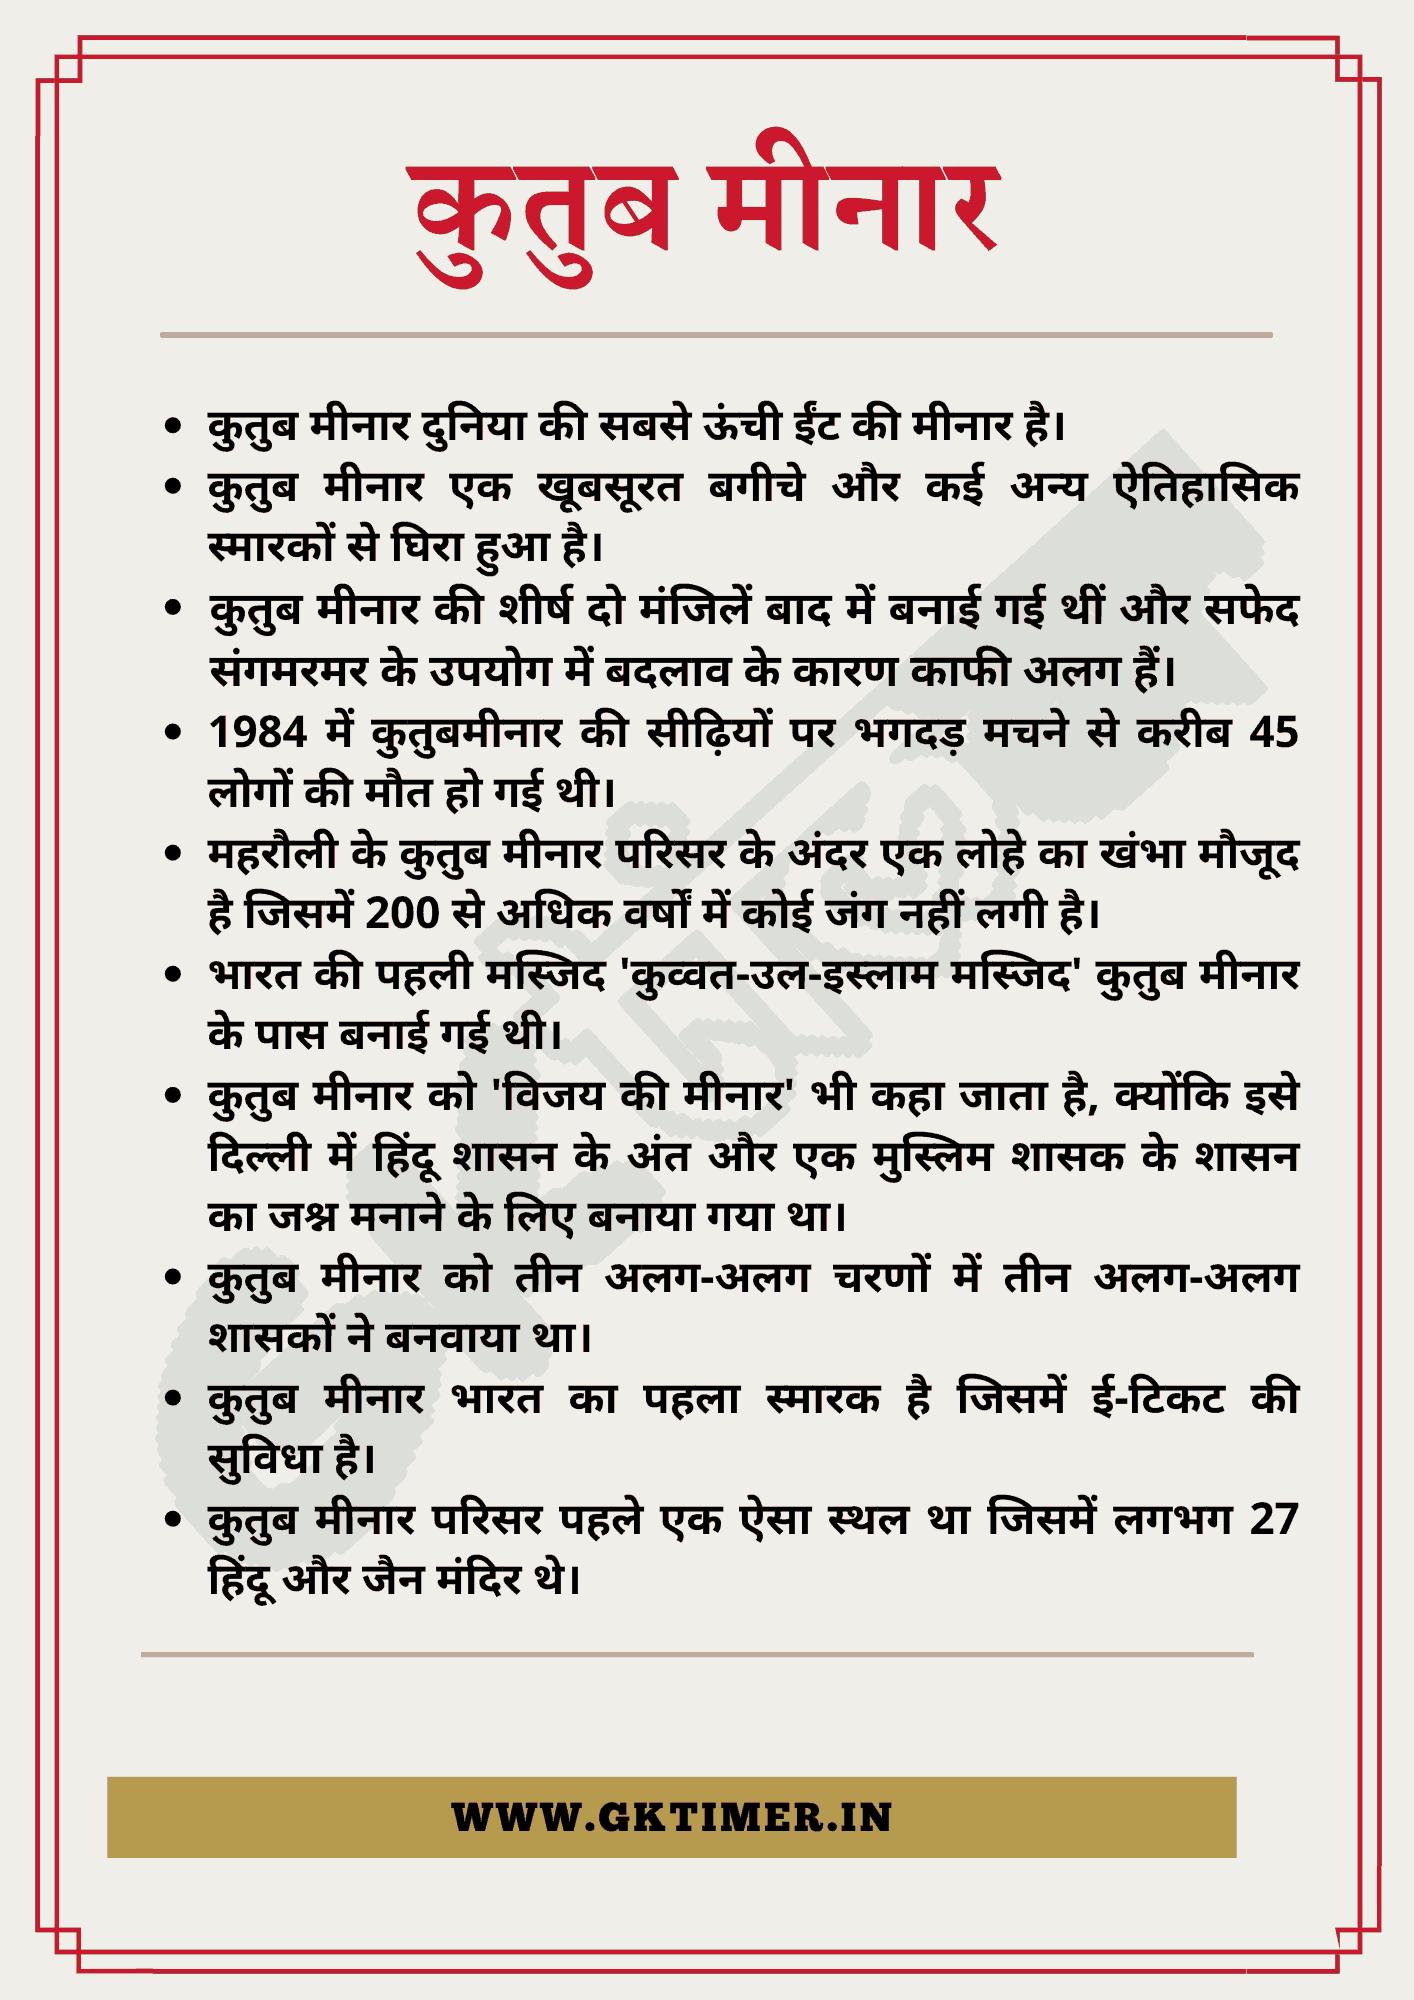 कुतुब मीनार पर निबंध | Essay on Qutub Minar in Hindi | 10 Lines on Qutub Minar in Hindi